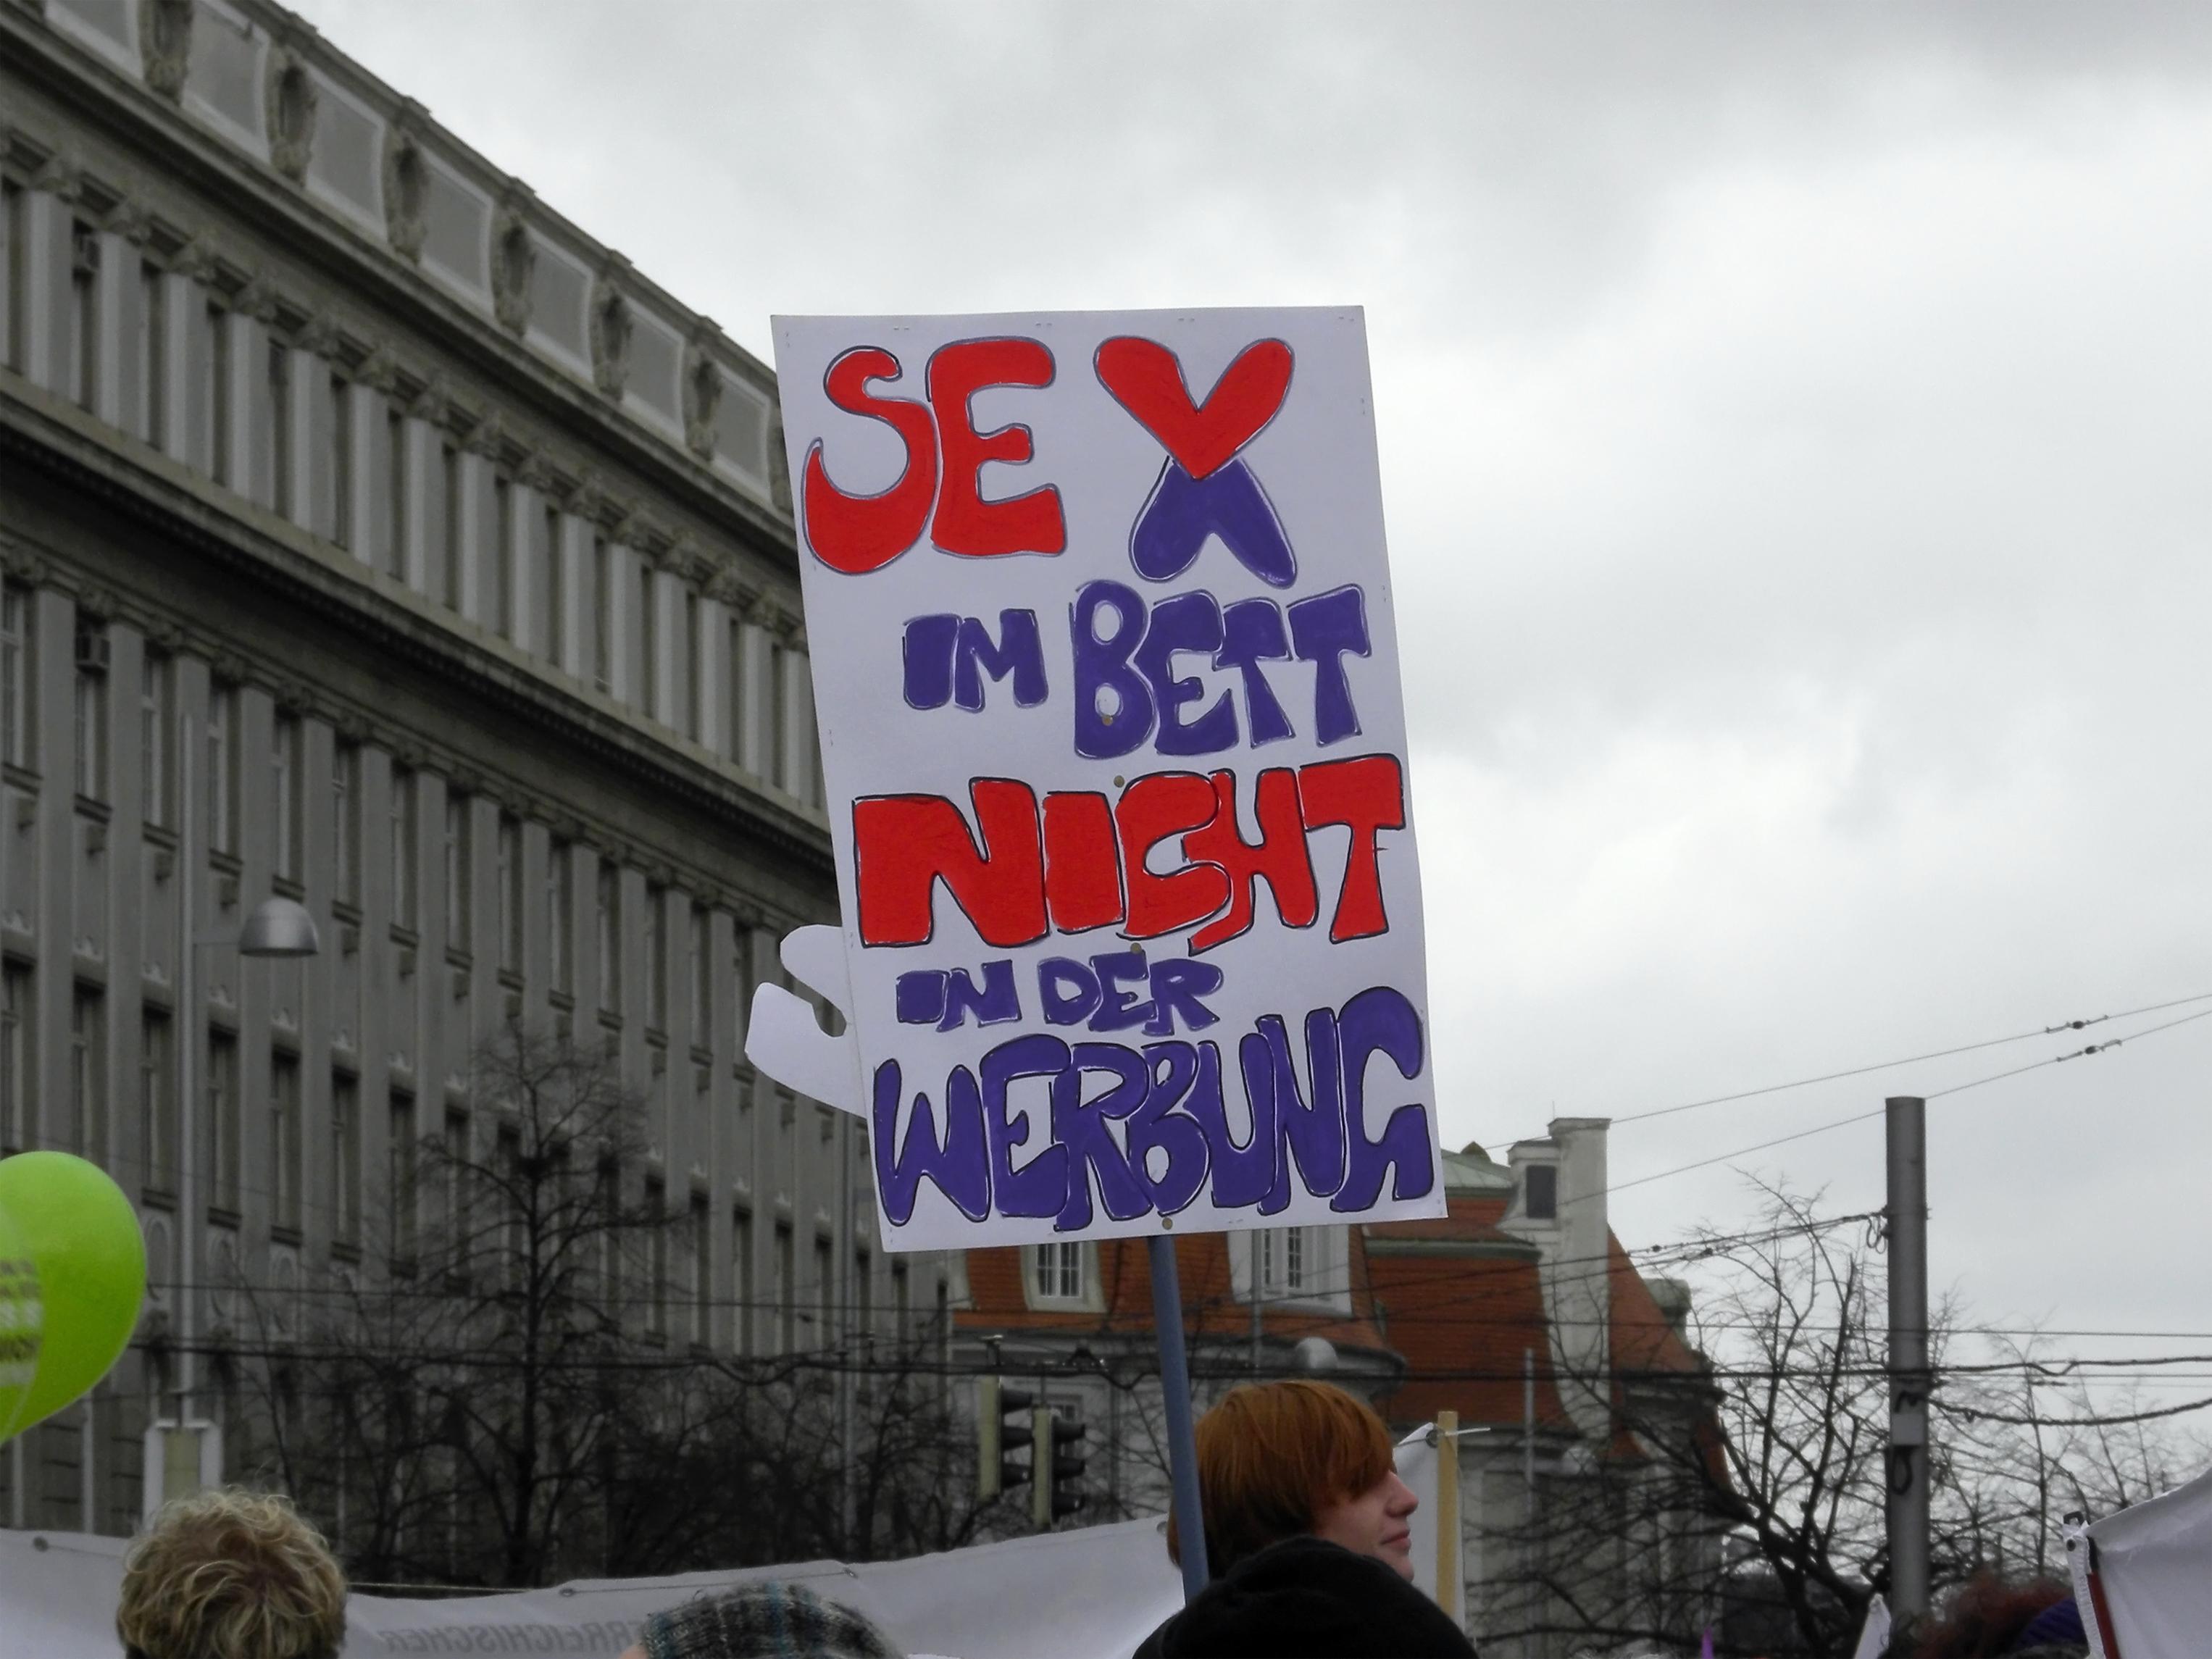 sex in bett